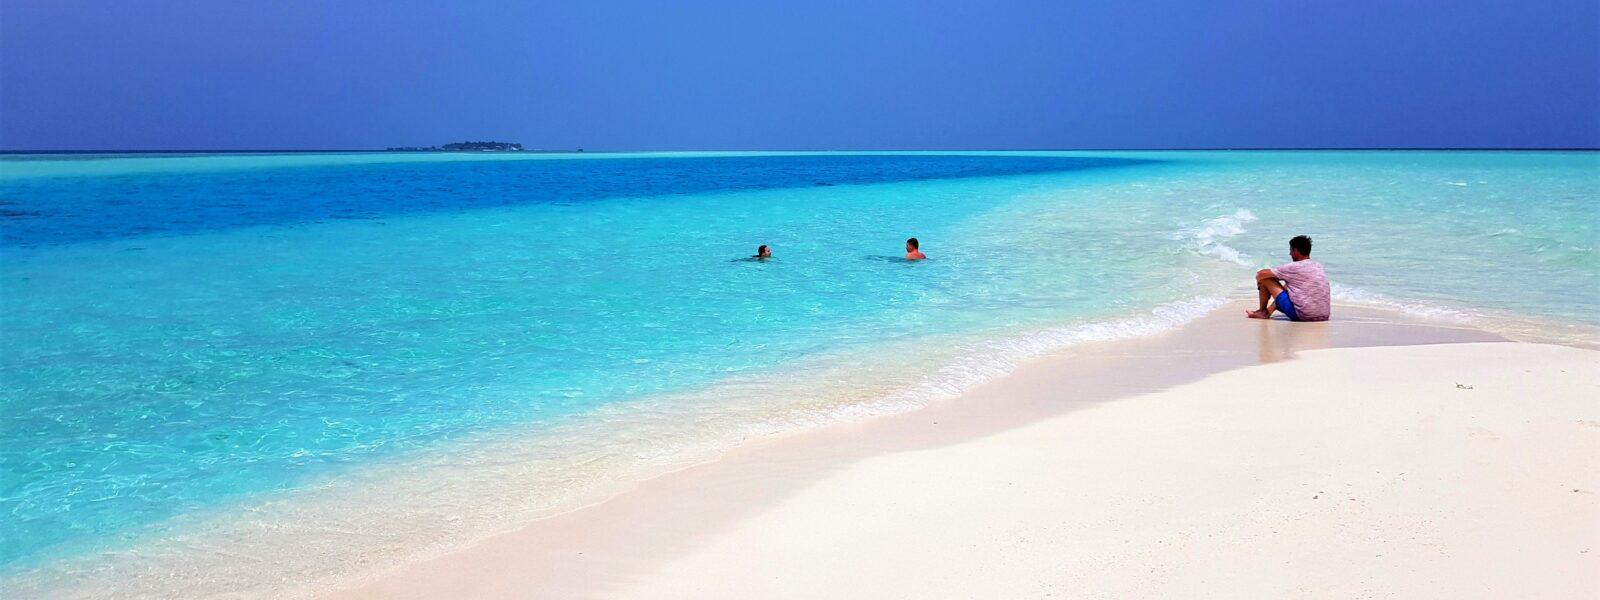 Madivaru Finolhu, najlepši sandbank Maldivov